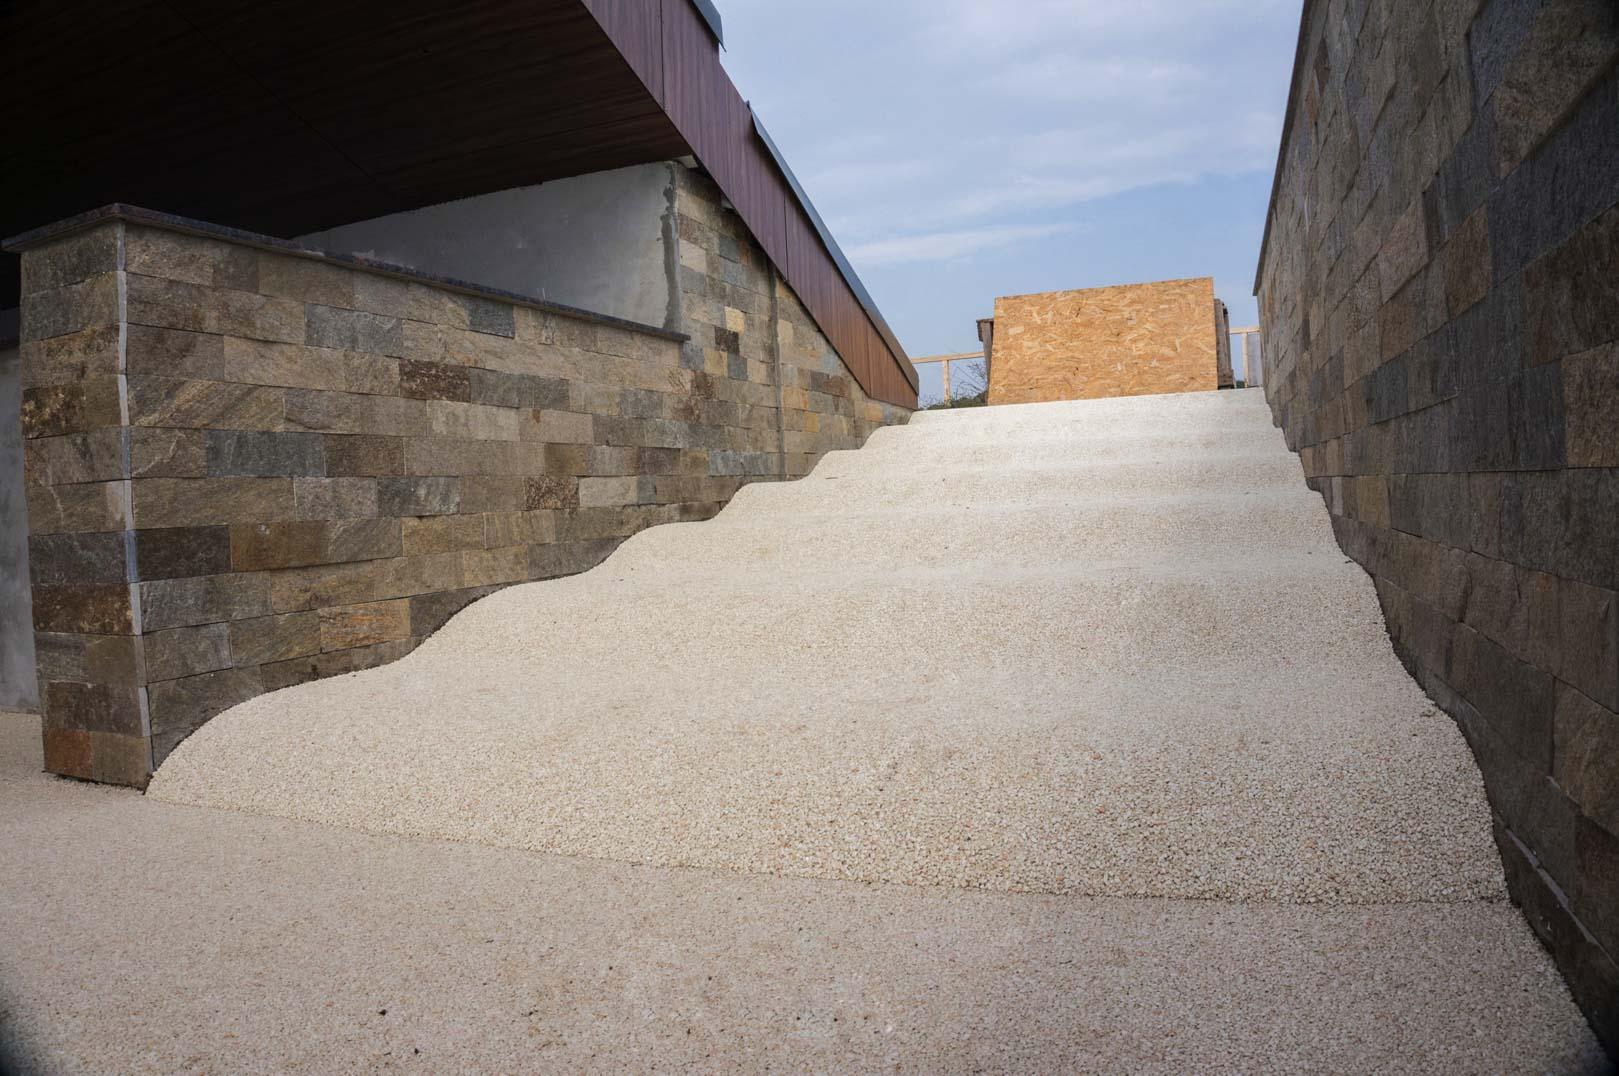 viarustik-stone-carpet-stairs